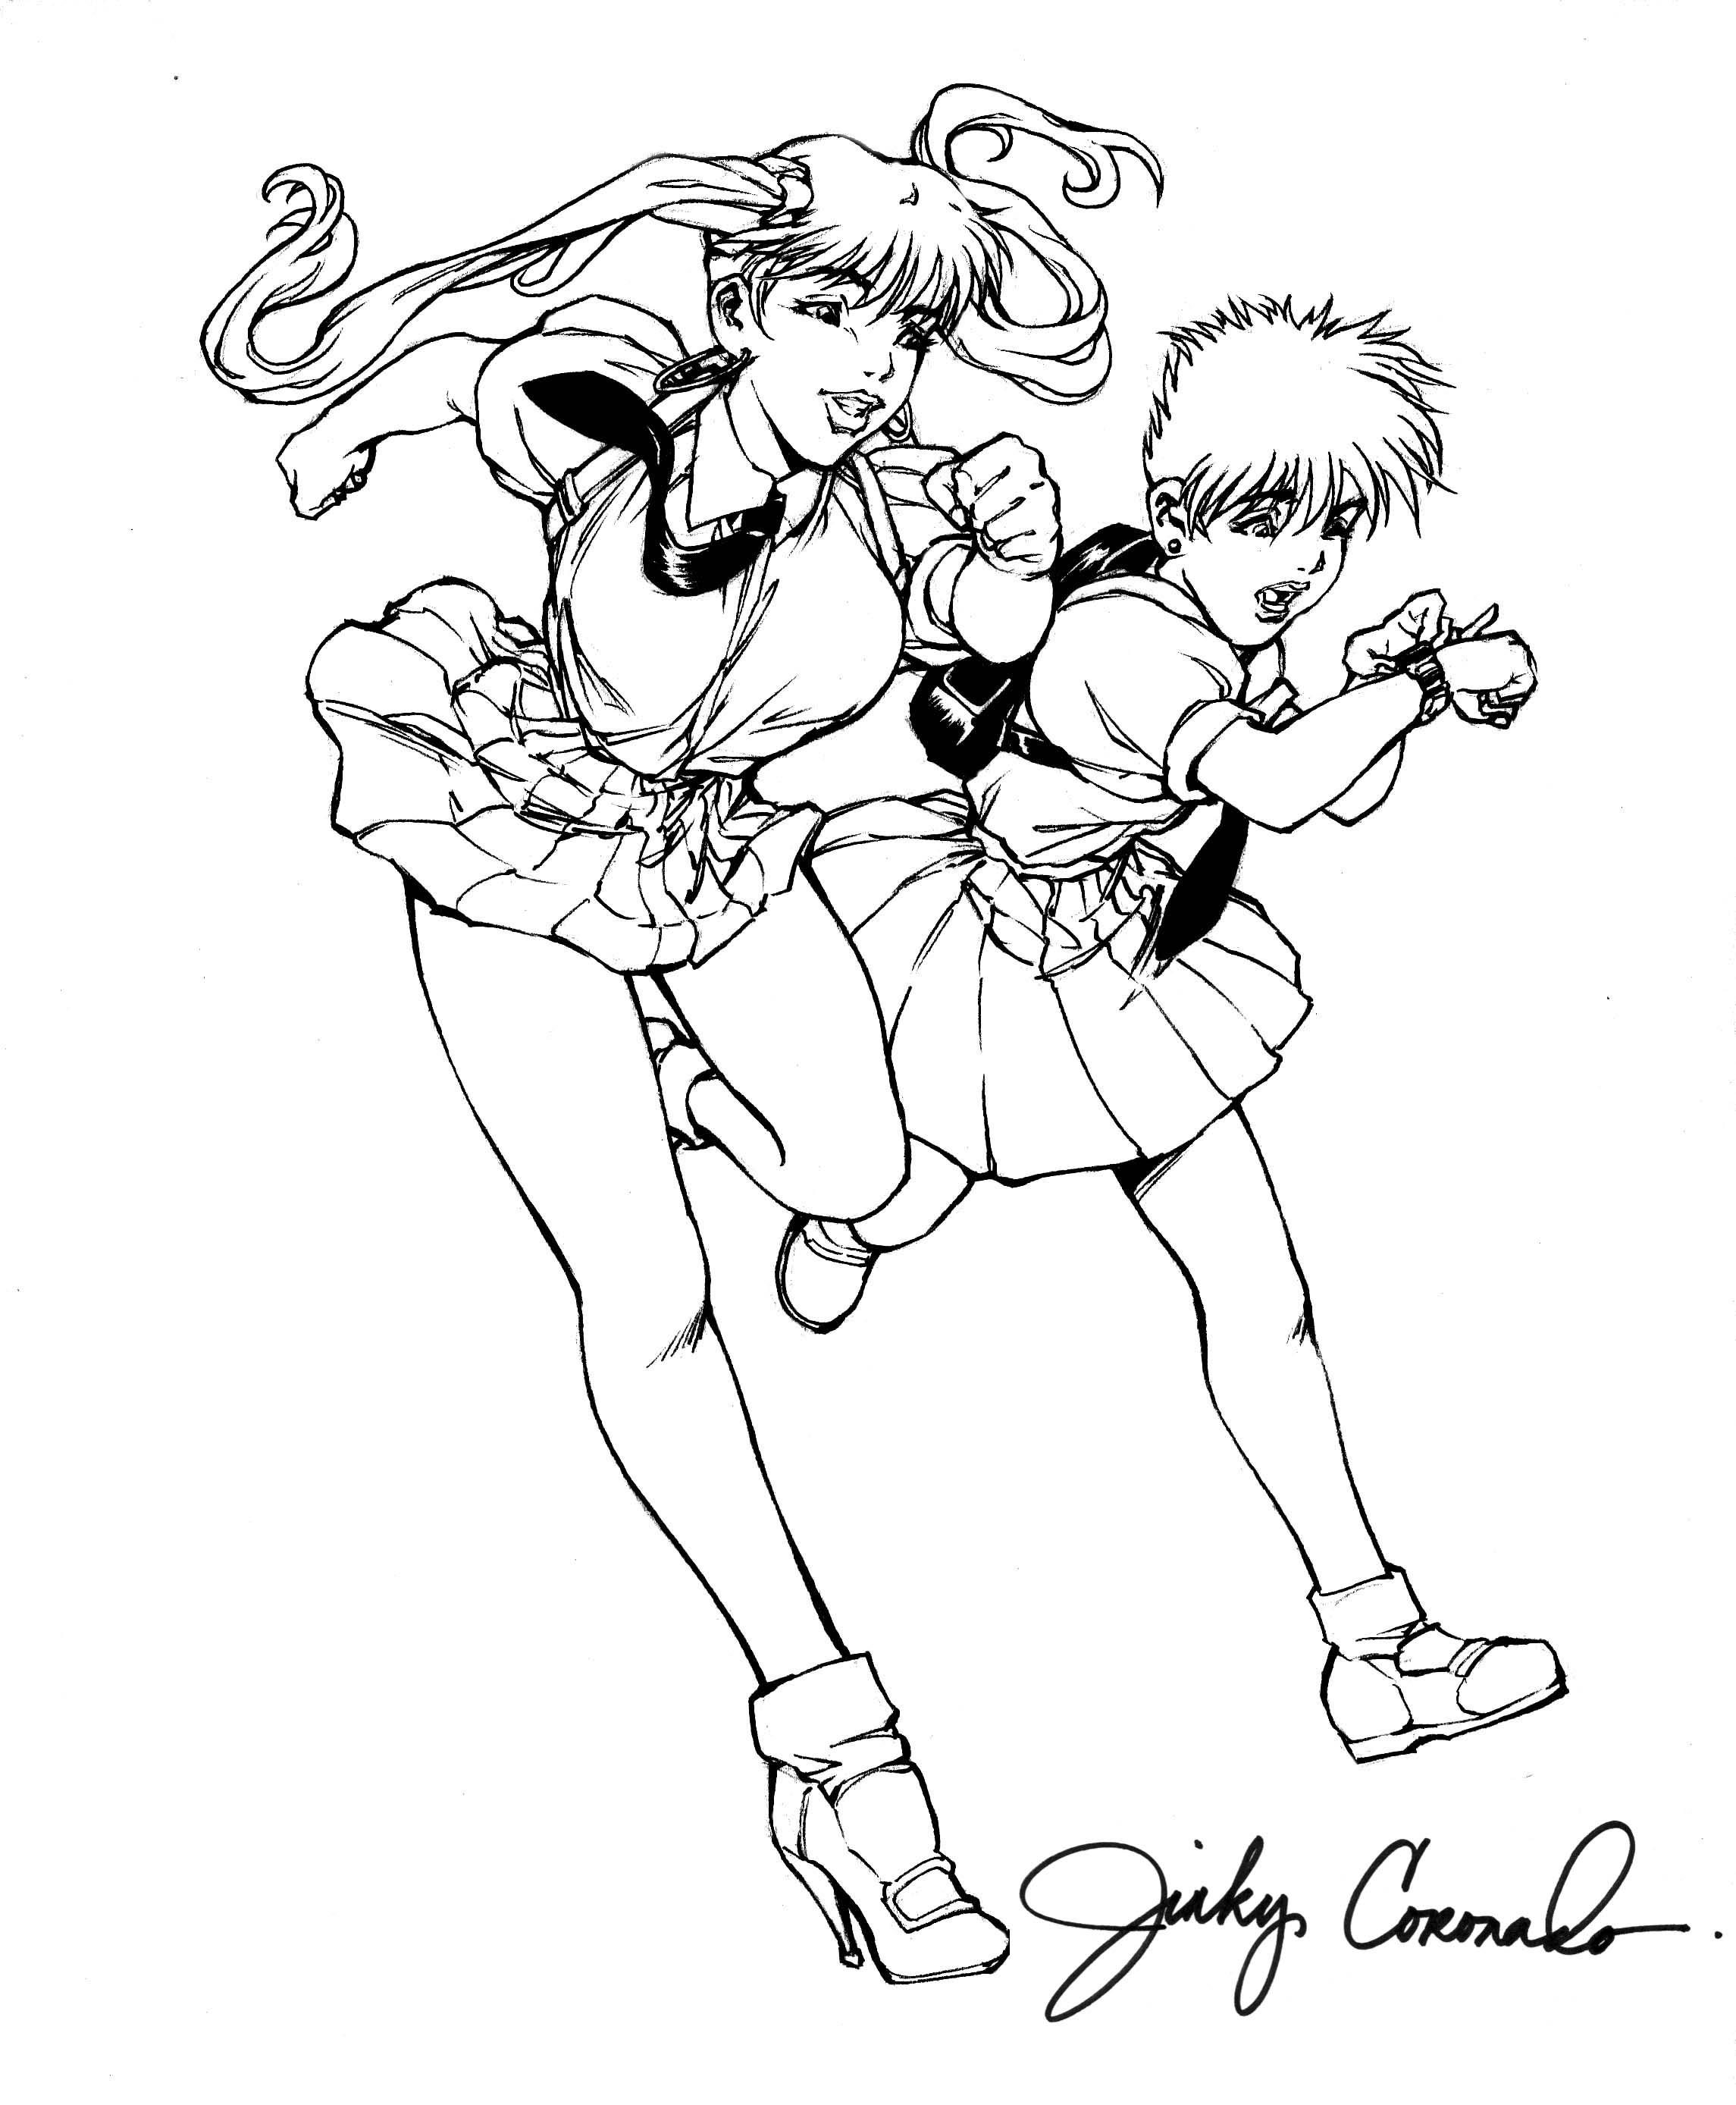 BANZAI GIRL AND KATIE J! by Jinky Coronado